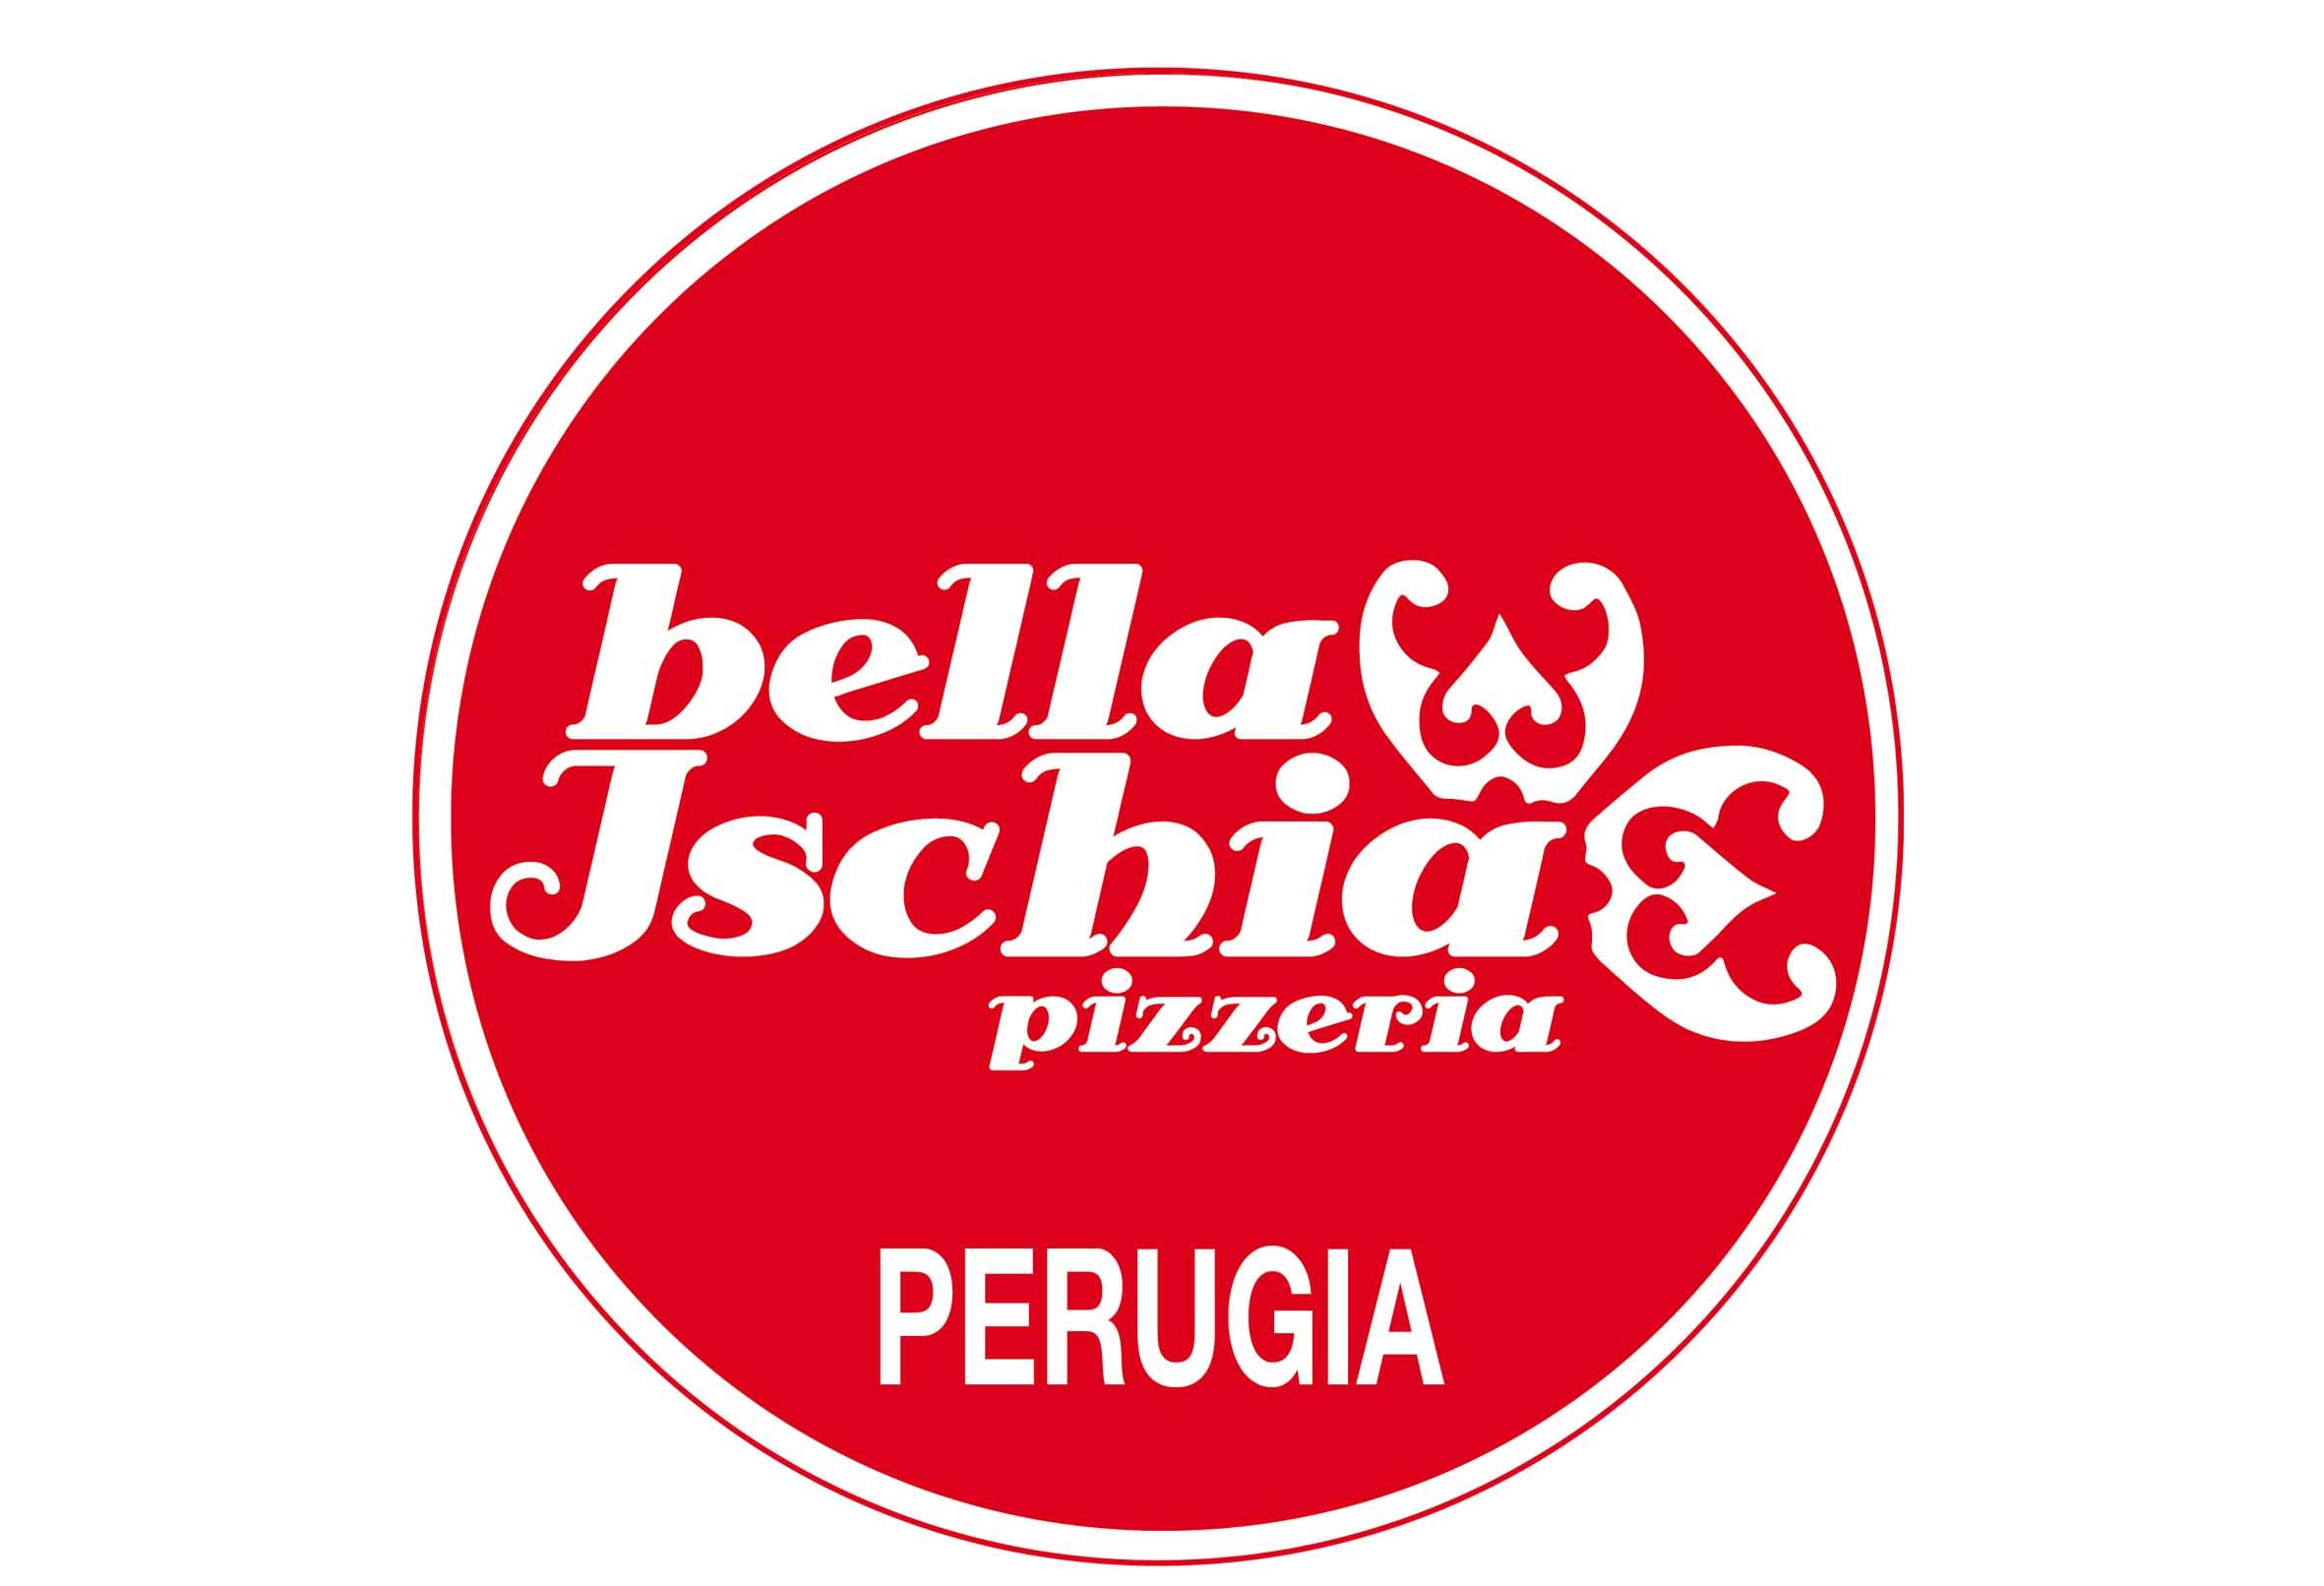 Bella Ischia - Perugia